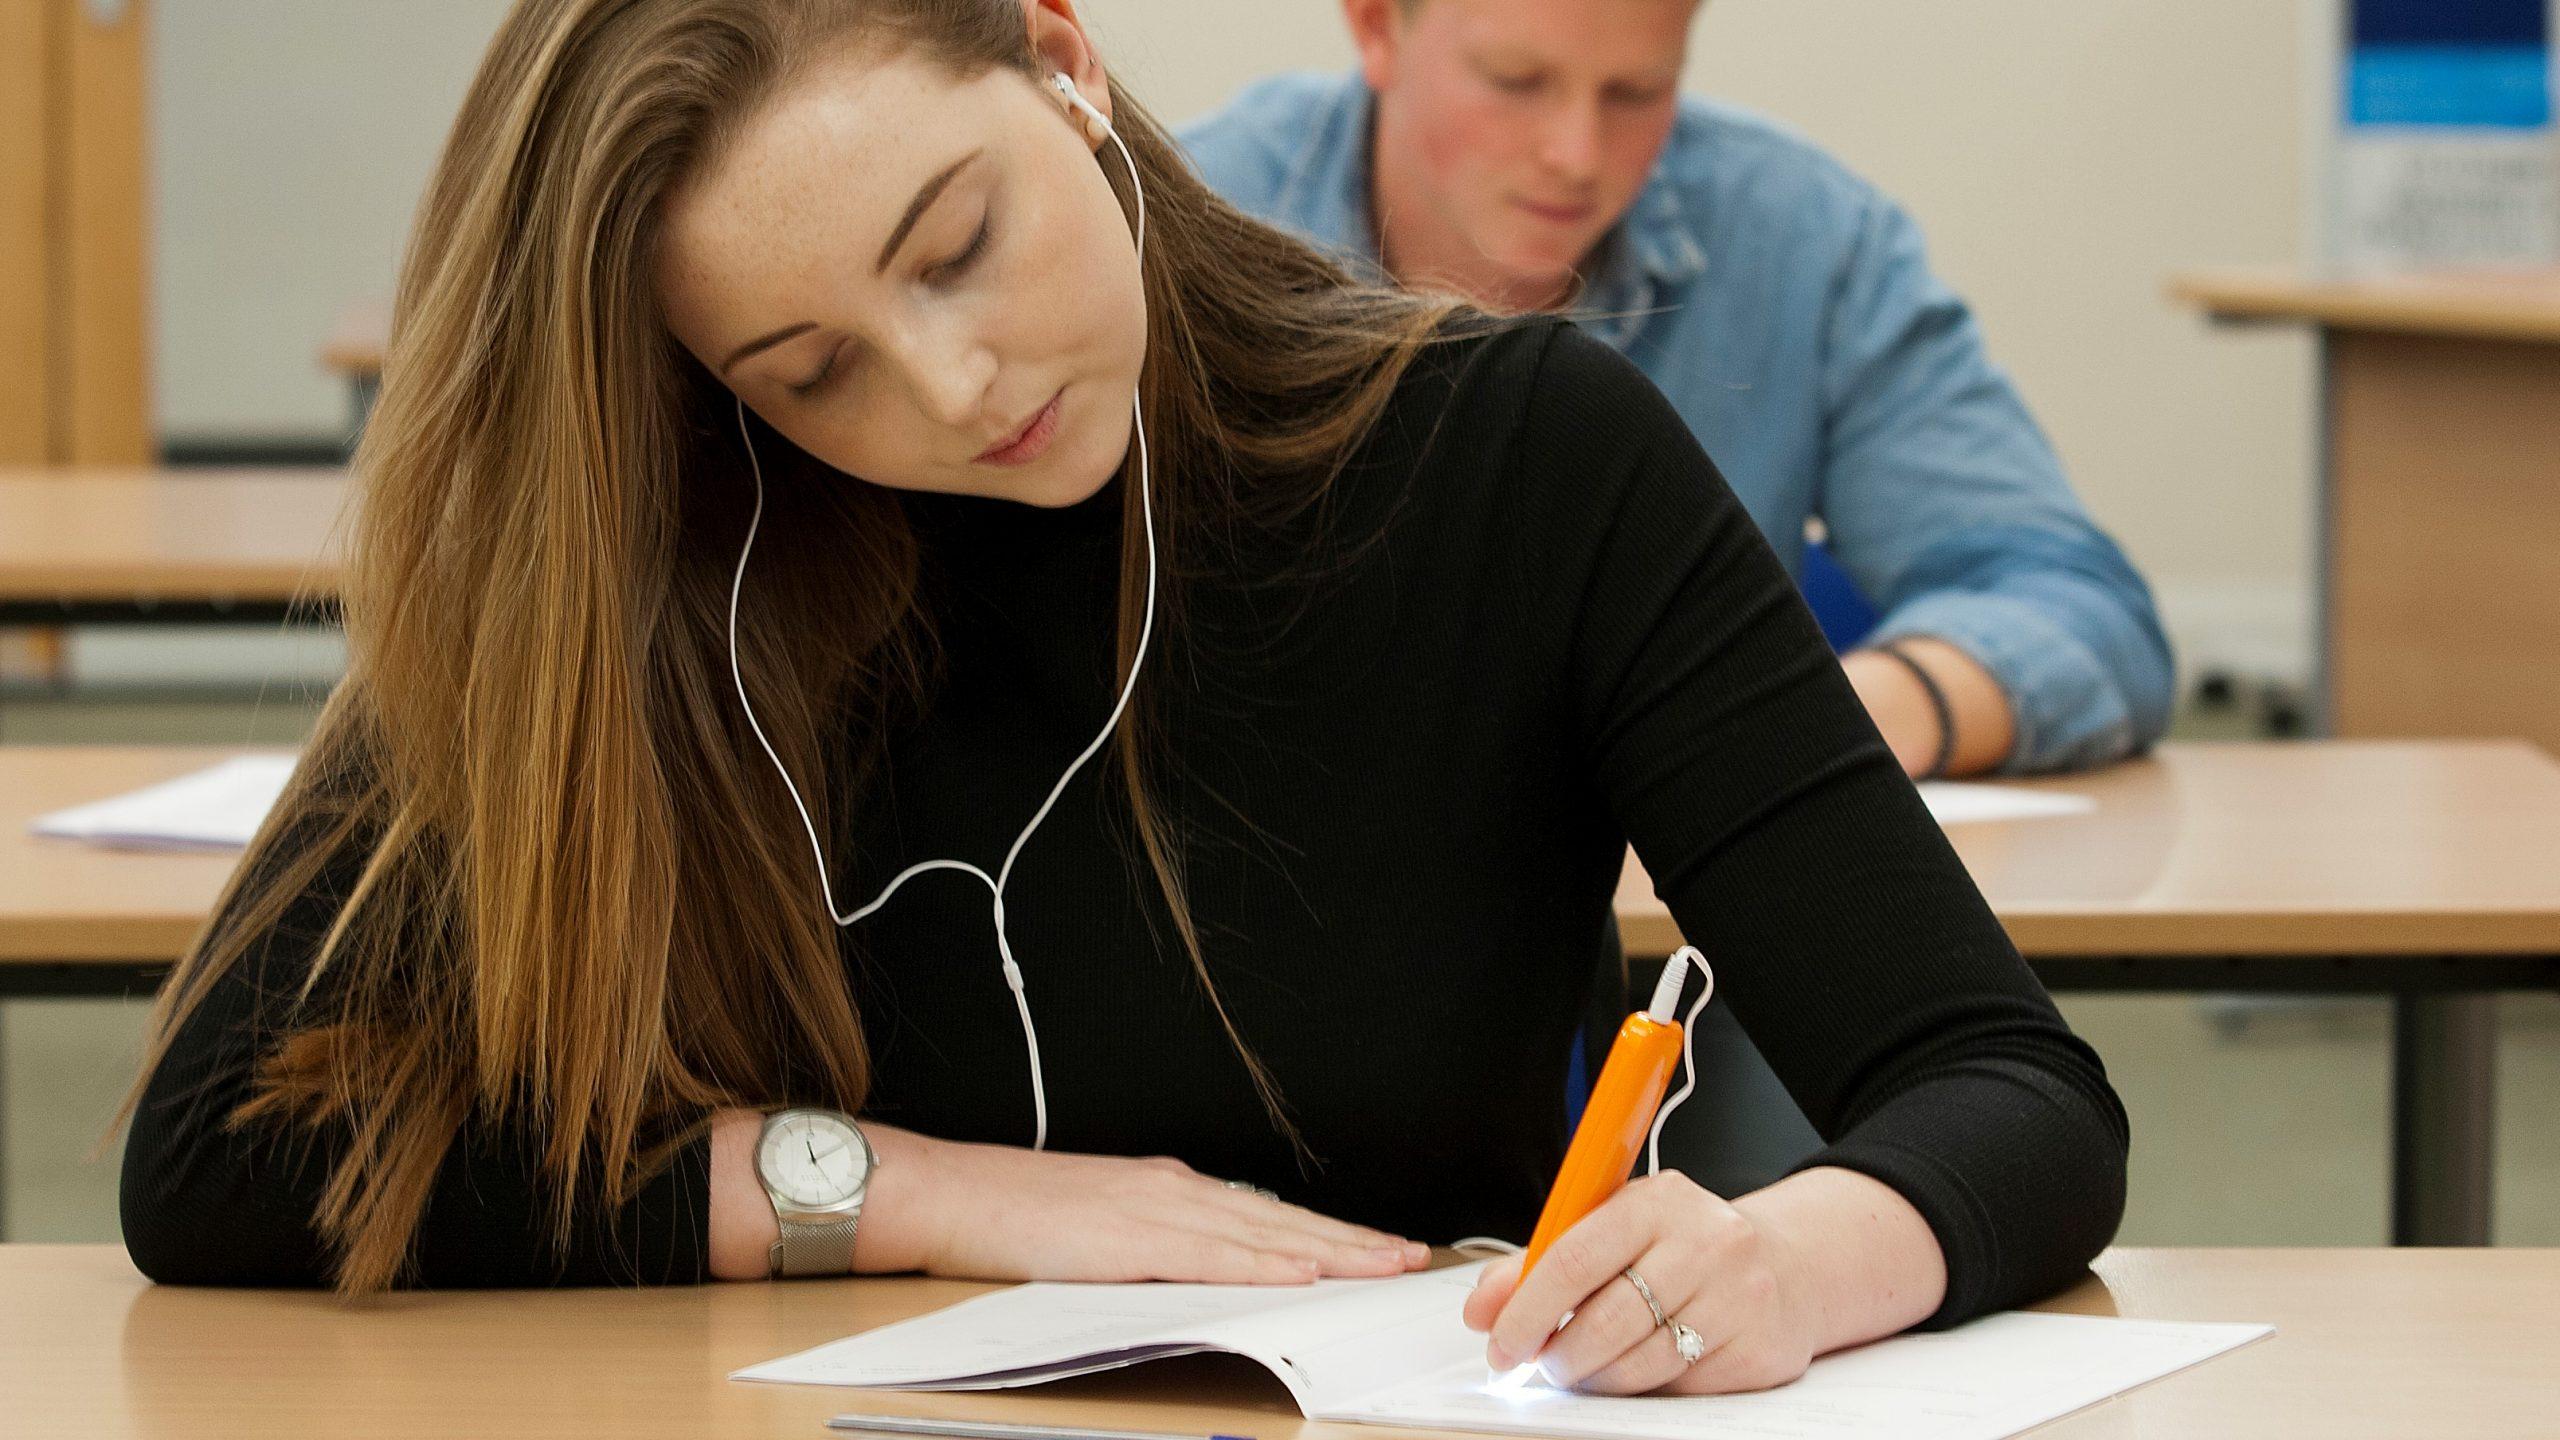 Lancering nieuw bedrijfsonderdeel: ondersteunende leestechnologie voor o.a. dyslexie